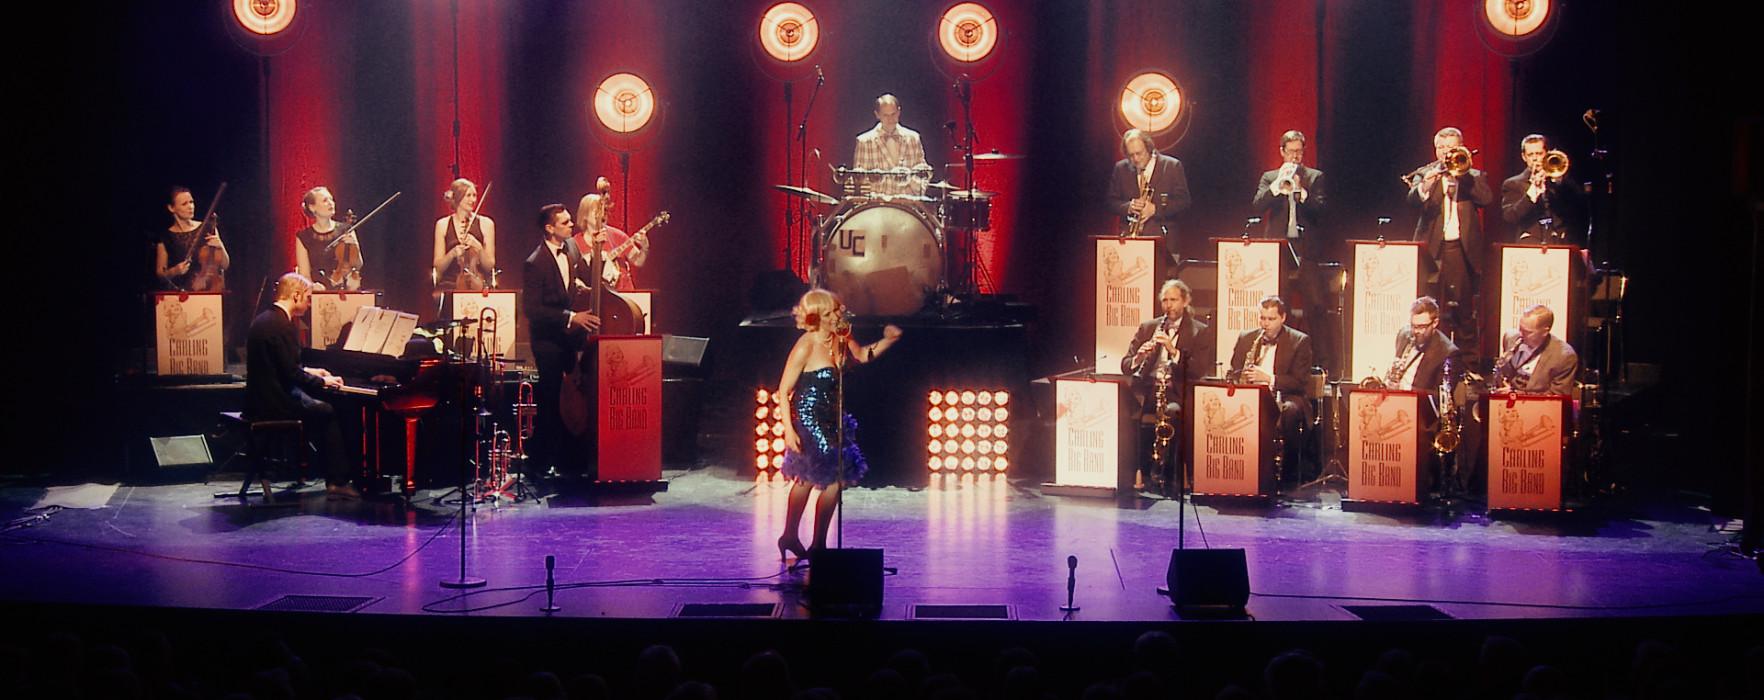 Glimt Värmland – Gunhild Carlings otroliga jazzvarité